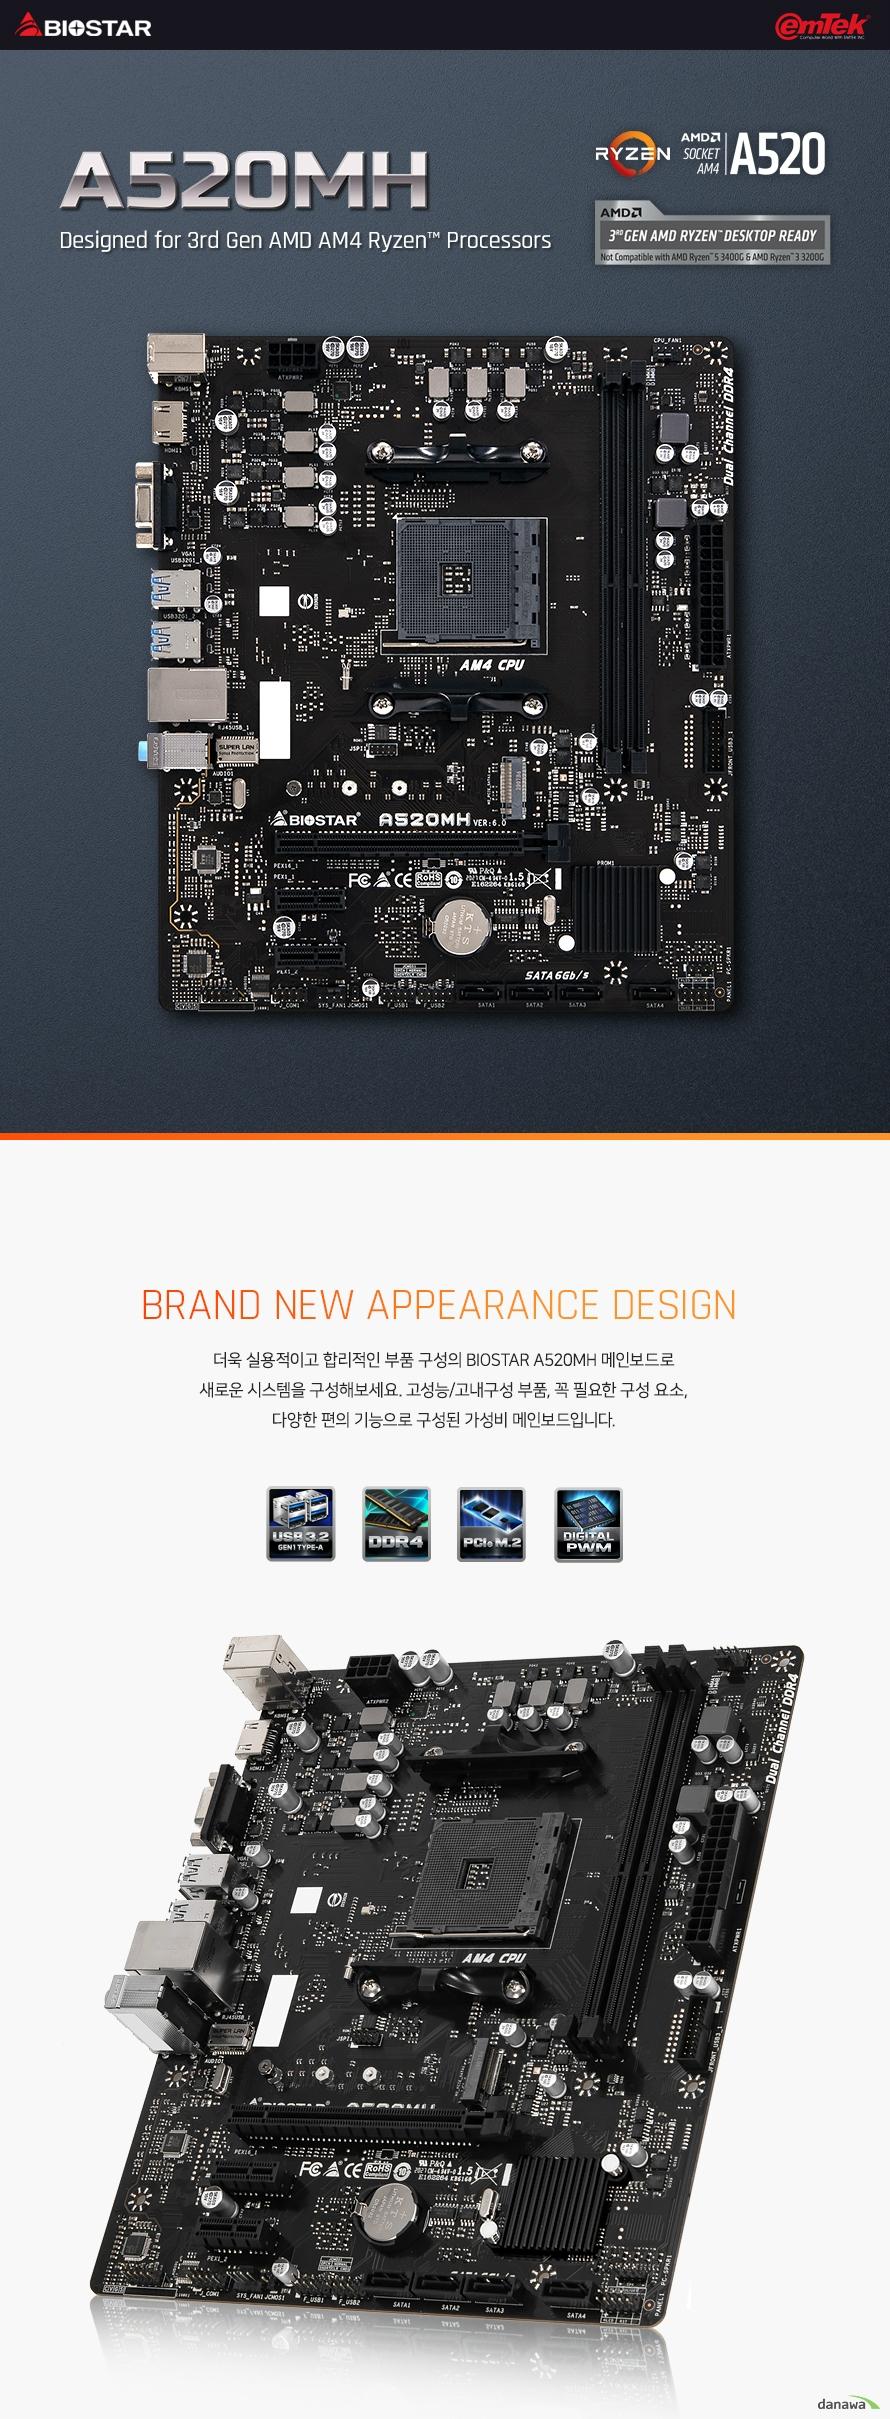 더욱 실용적이고 합리적인 부품 구성의 BIOSTAR A520MH 메인보드로새로운 시스템을 구성해보세요. 고성능/고내구성 부품, 꼭 필요한 구성 요소, 다양한 편의 기능으로 구성된 가성비 메인보드입니다.  세계에서 가장 진보된 AMD RyzenTM 3000 시리즈 데스크탑 프로세서로 최신 게임 및 멀티 태스킹 작업에서 최고의 성능을 경험하십시오.    강력한 오버클럭 성능으로 시스템 성능을 극대화하여 게임 / 작업 성능을 높입니다. 튼튼한 내구성과 향상된 전력 효율, 철저한 품질 테스트를 거쳐 안정성을 검증하였습니다.  BIOSTAR 메인보드에는 여러 보호 기술들이 설계되어 있어 각종 위험으로부터 안전합니다. SPD, ESD, OVP, OCP, OHP 등 다양한 보호 기술들로 시스템 손상을 방지합니다.  Realtek ALC887 코덱을 지원하여 오디오 충실도 손실을 최소화하면서  고품질 HD 오디오 사운드를 제공합니다.